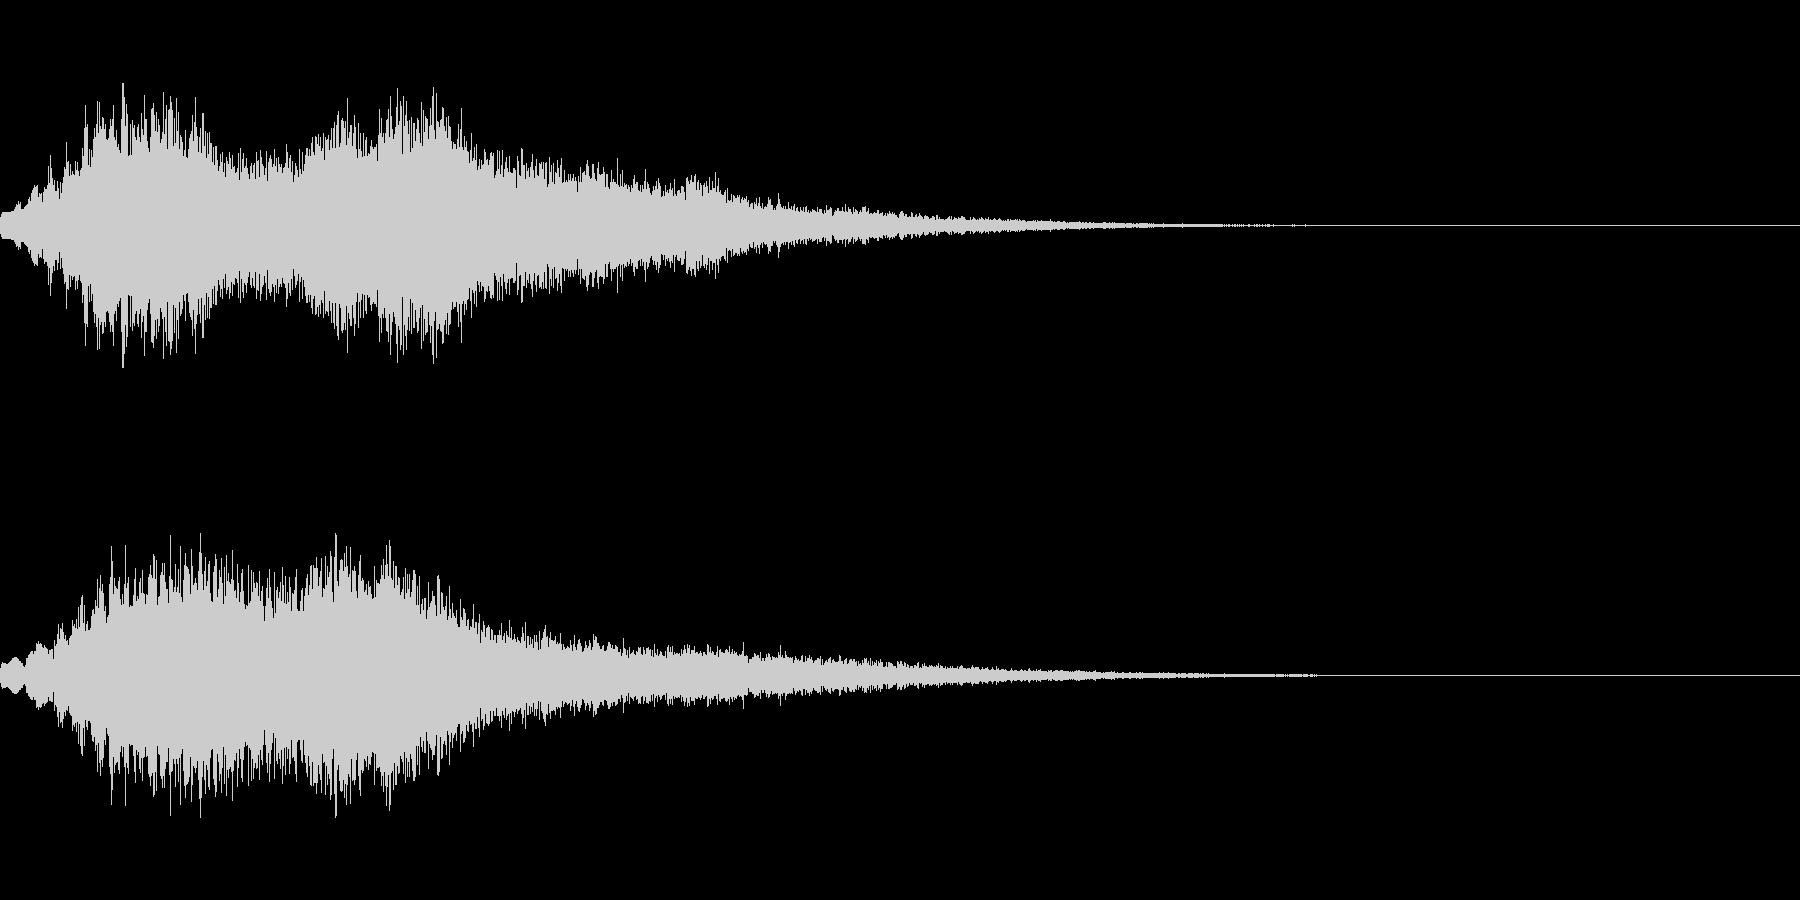 [シュオーン]パラメータUP(豪華)の未再生の波形